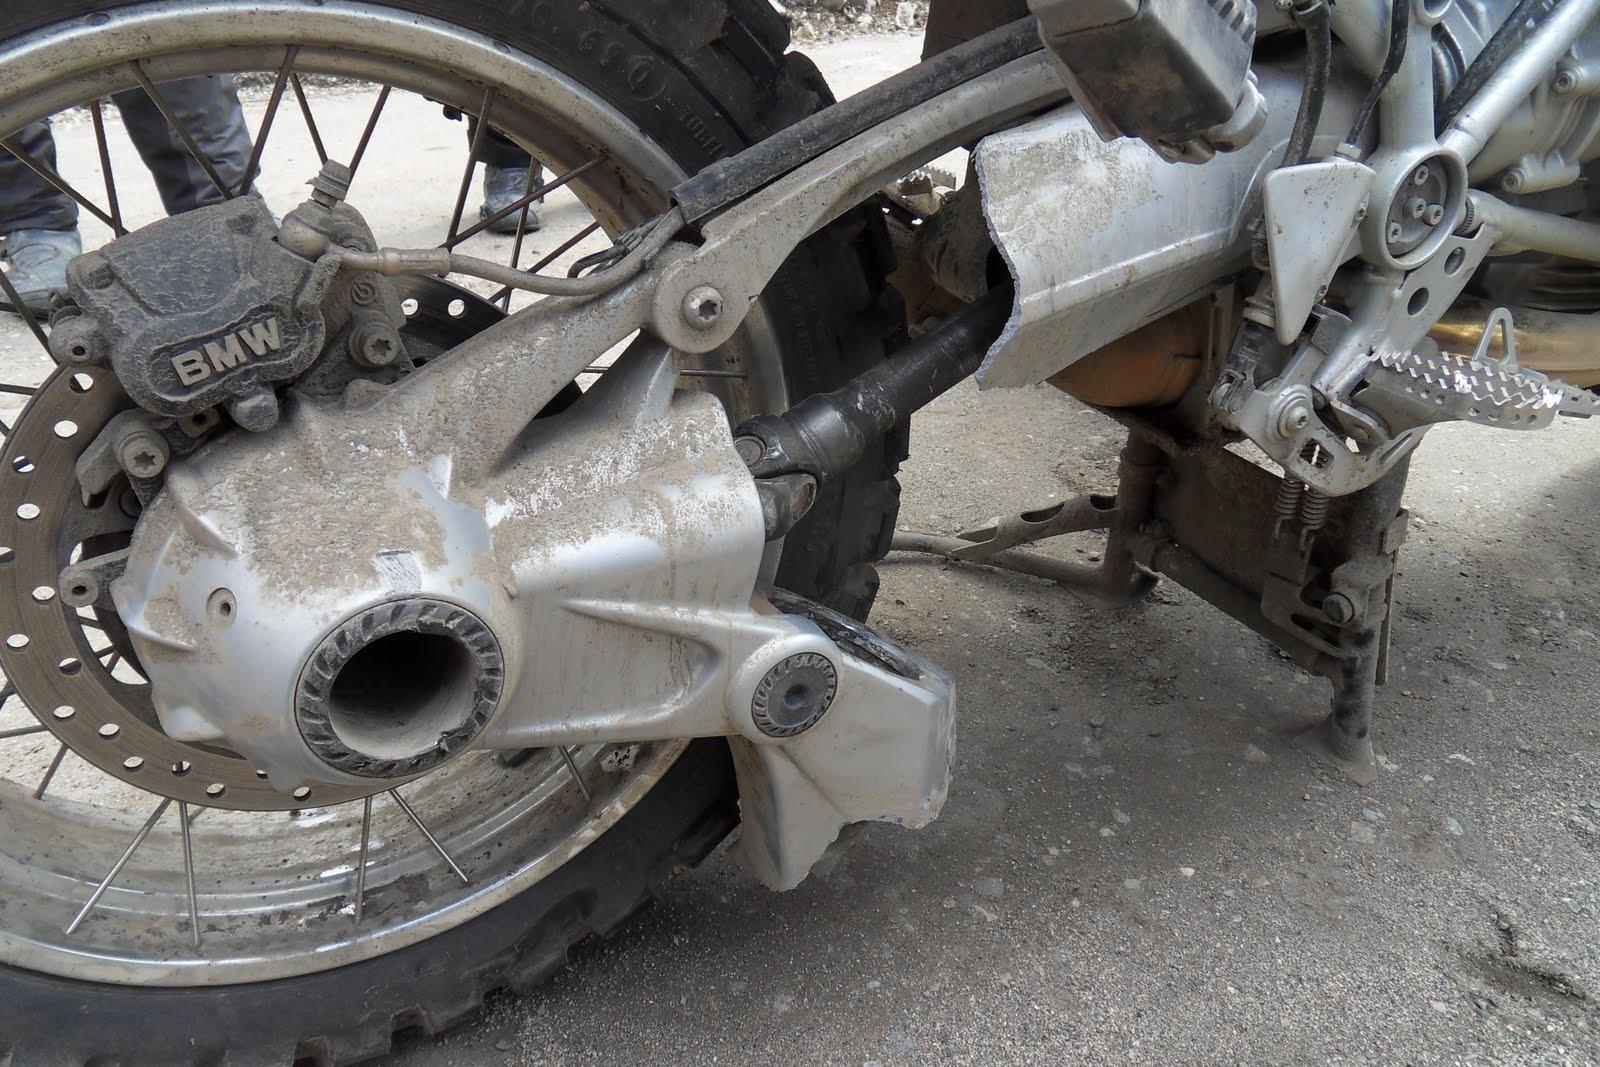 bmw мотоцикл gs 1200 инструкция по ремонту и обслуживанию